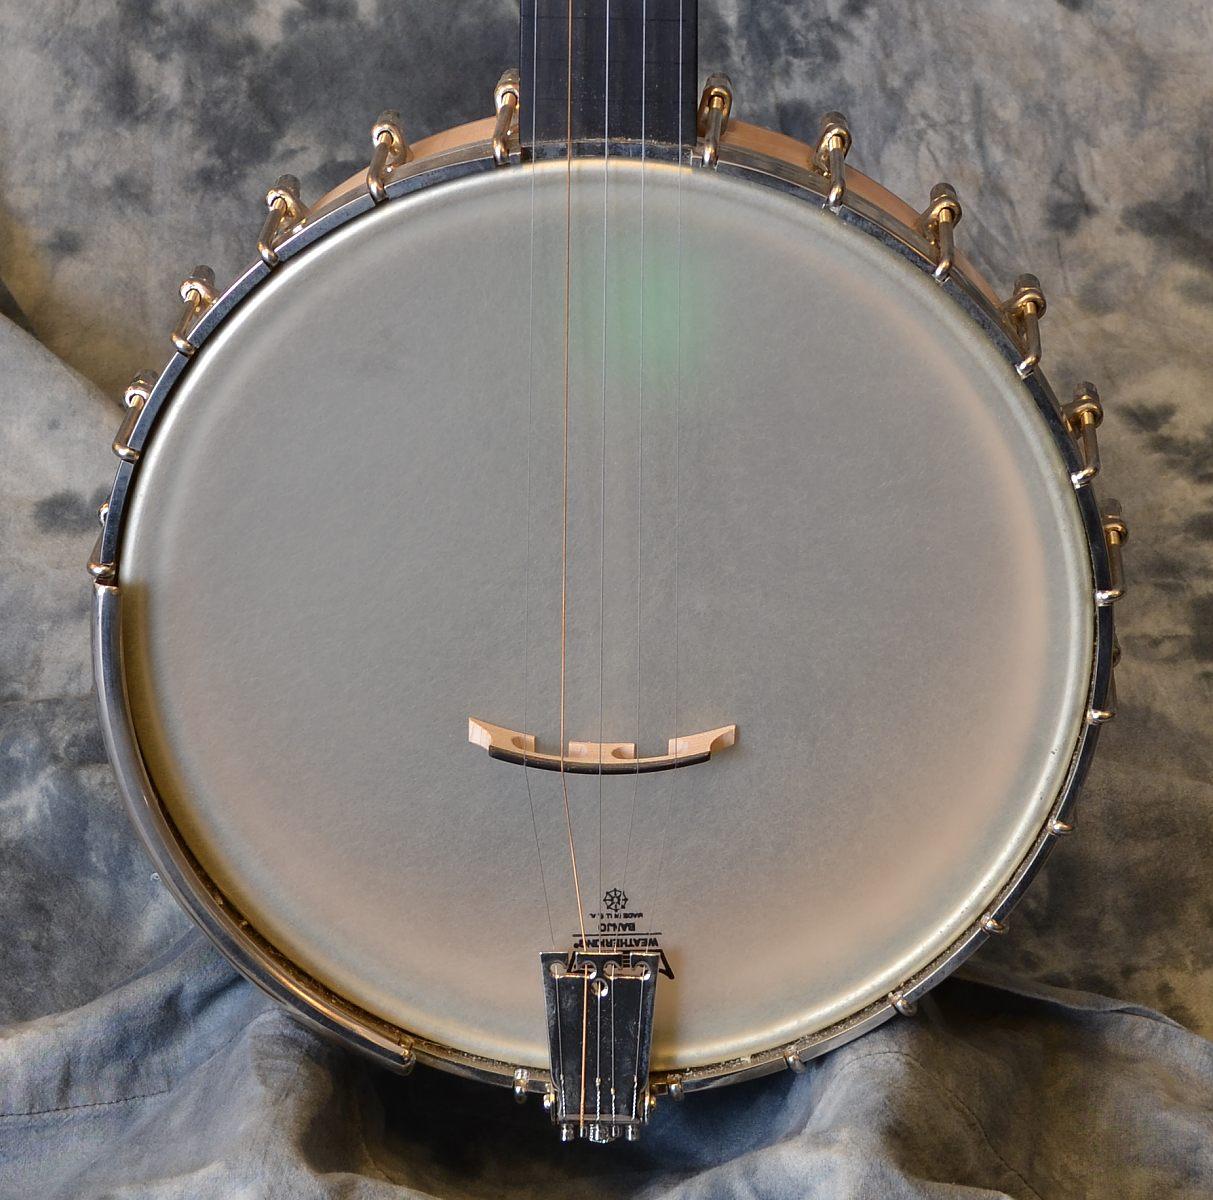 Wildwood Minstrel Open Back Banjo Top View